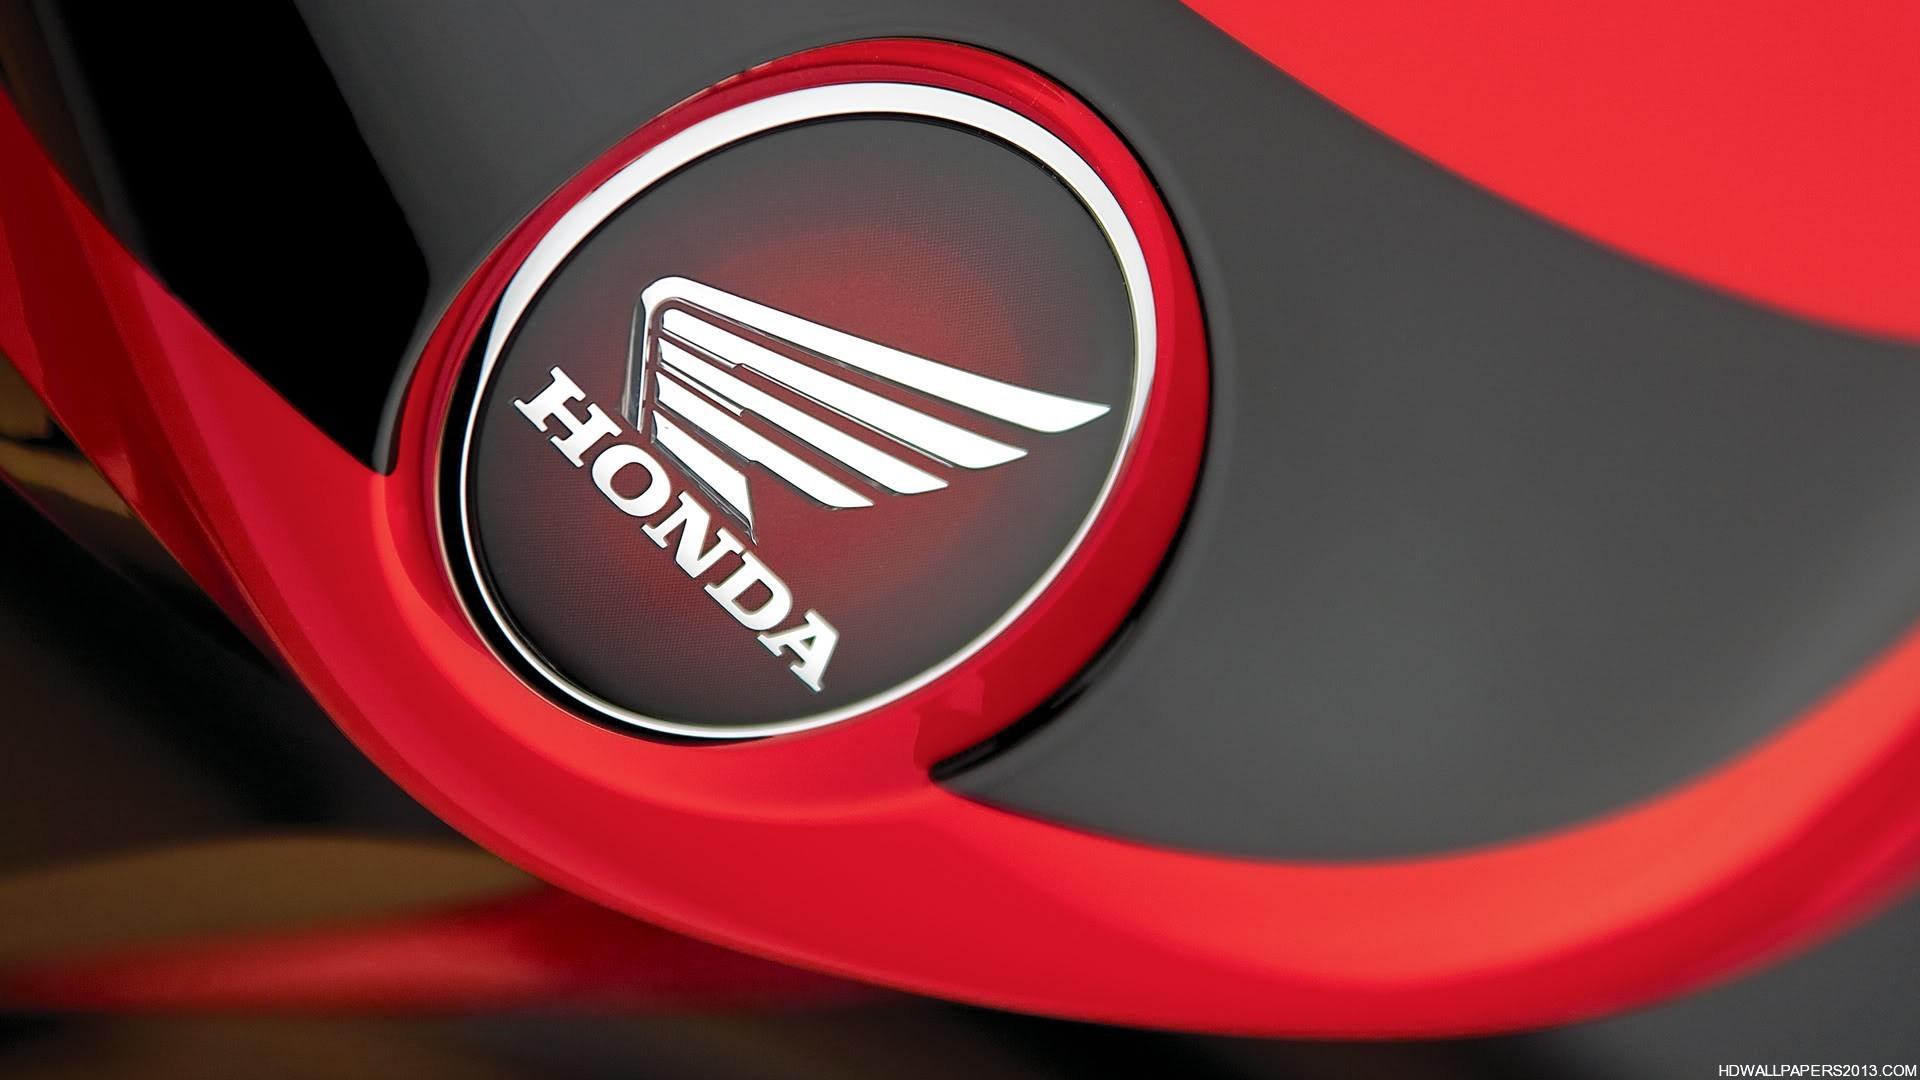 honda-logo-wallpaper.jpg